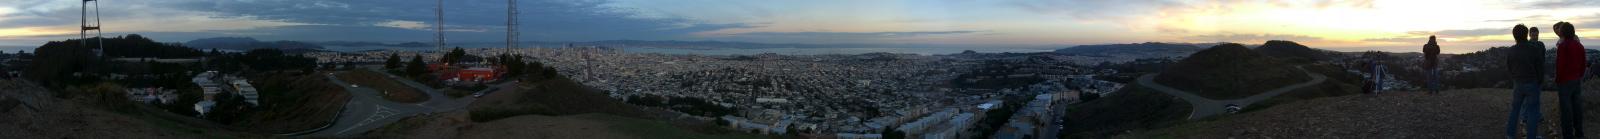 win Peaks Panorama 1